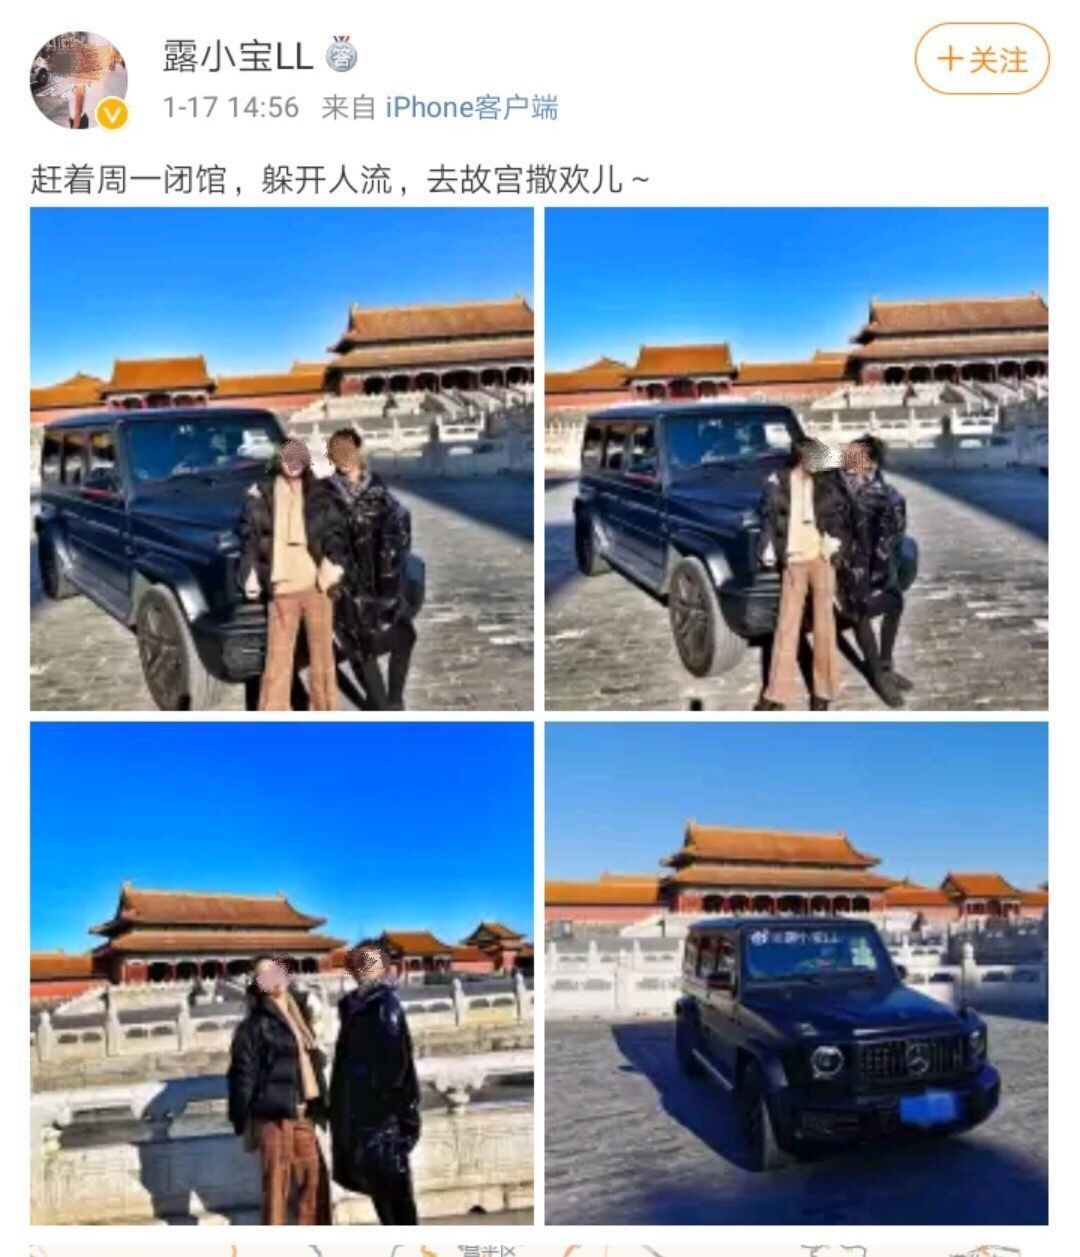 seo优化排名网销售_疑似国航女乘务员晒开车进故宫照片 国航回应